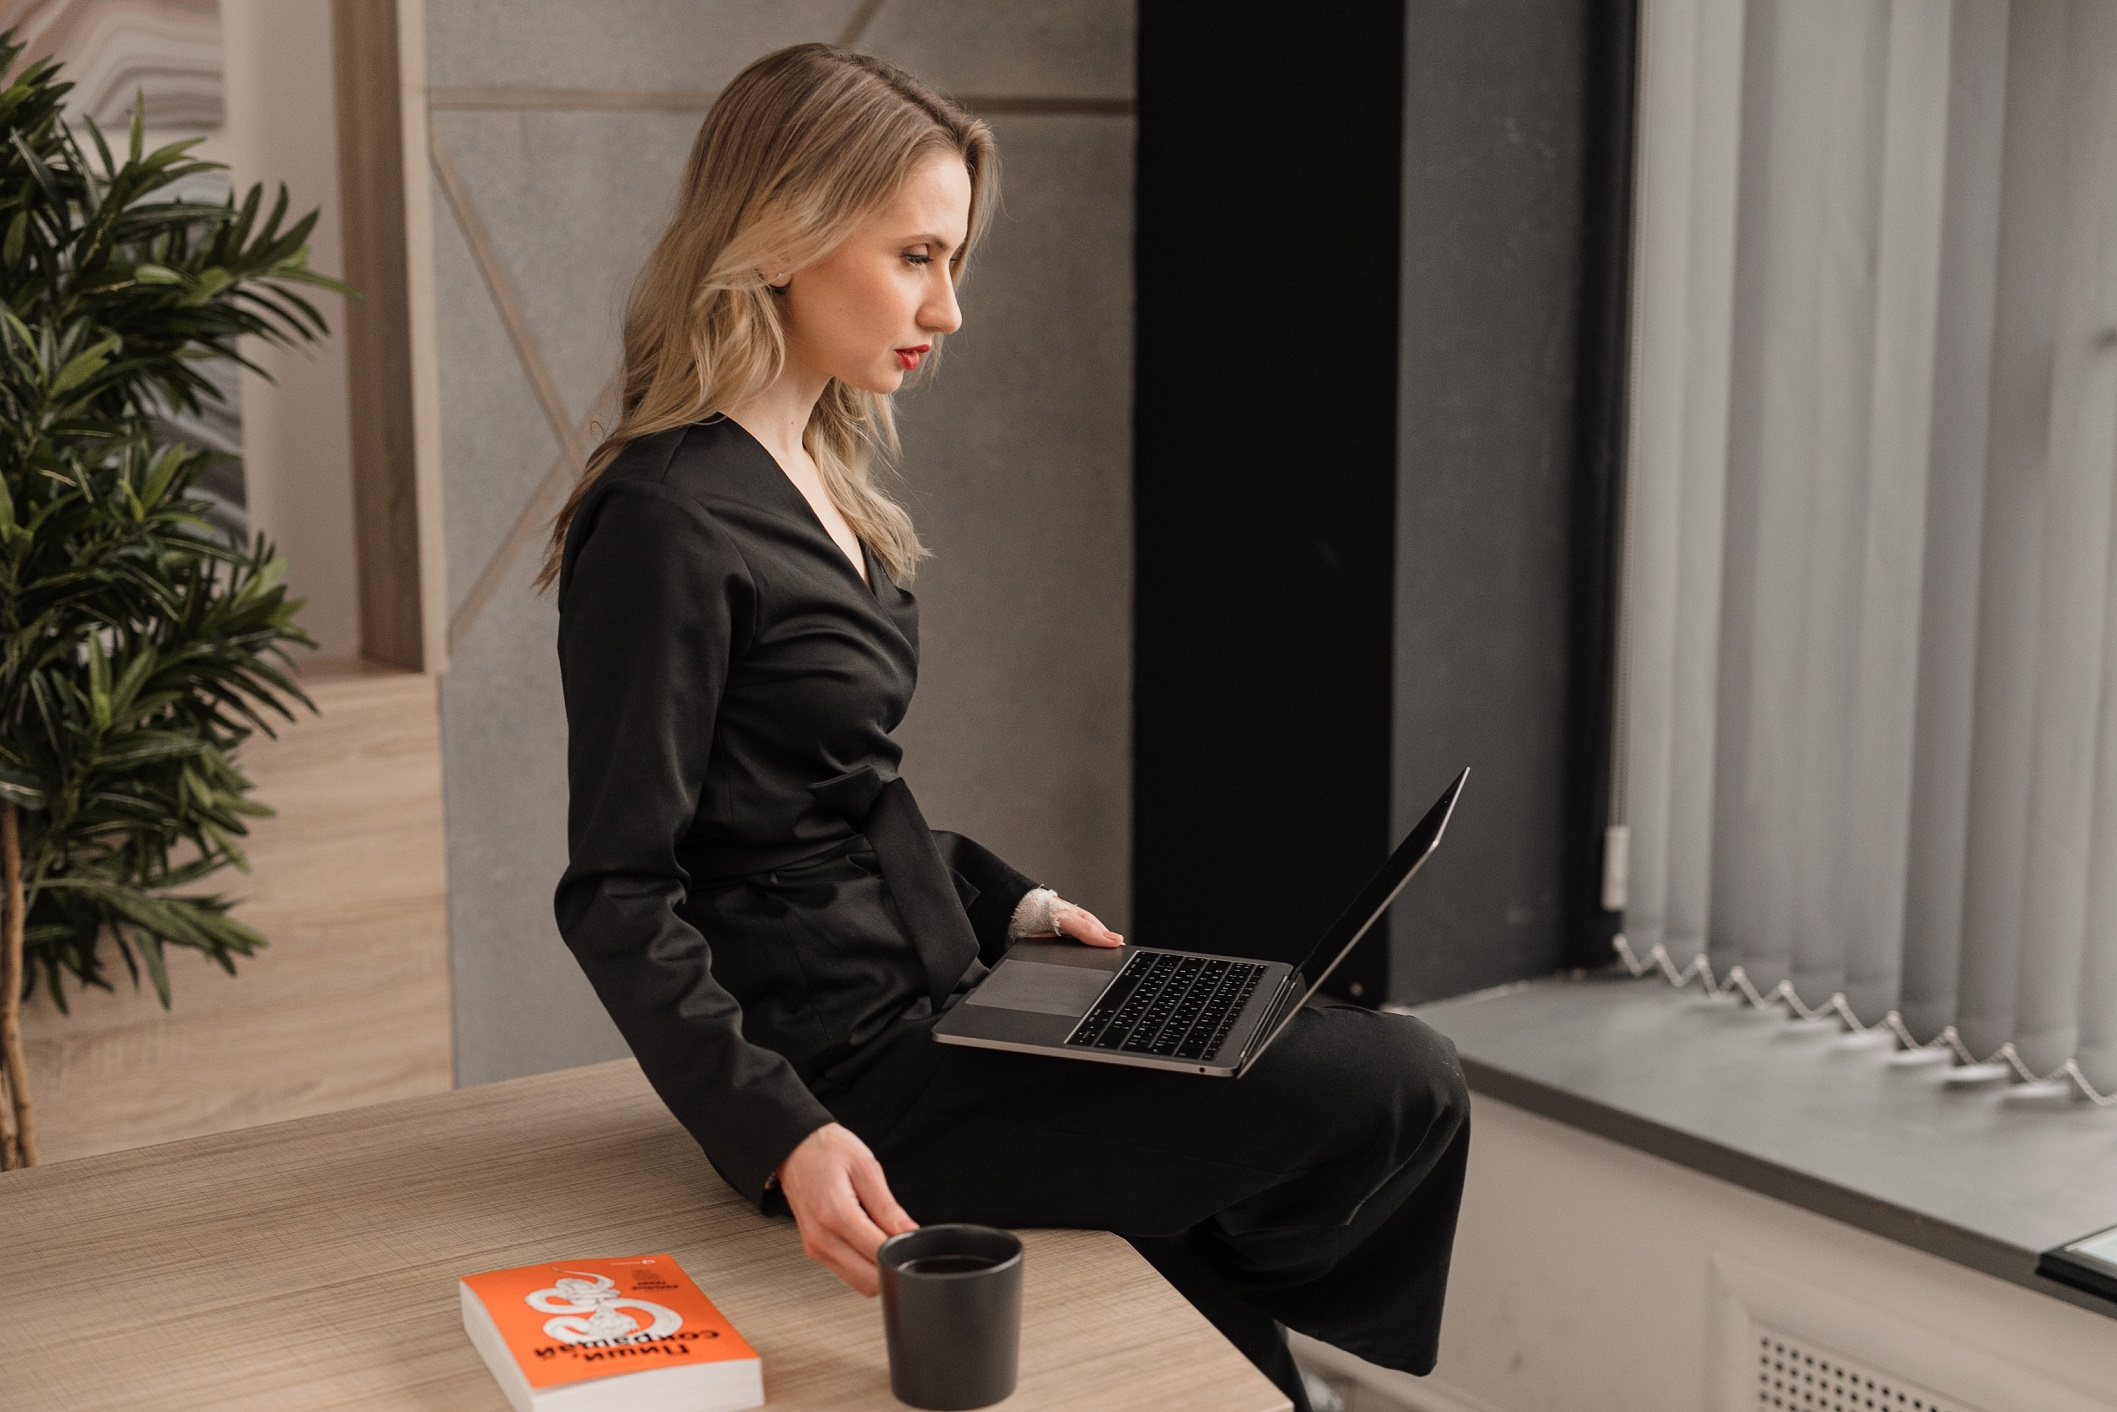 (P) Învață cum să faci bani online pe termen lung, sigur și eficient! - zondron.ro